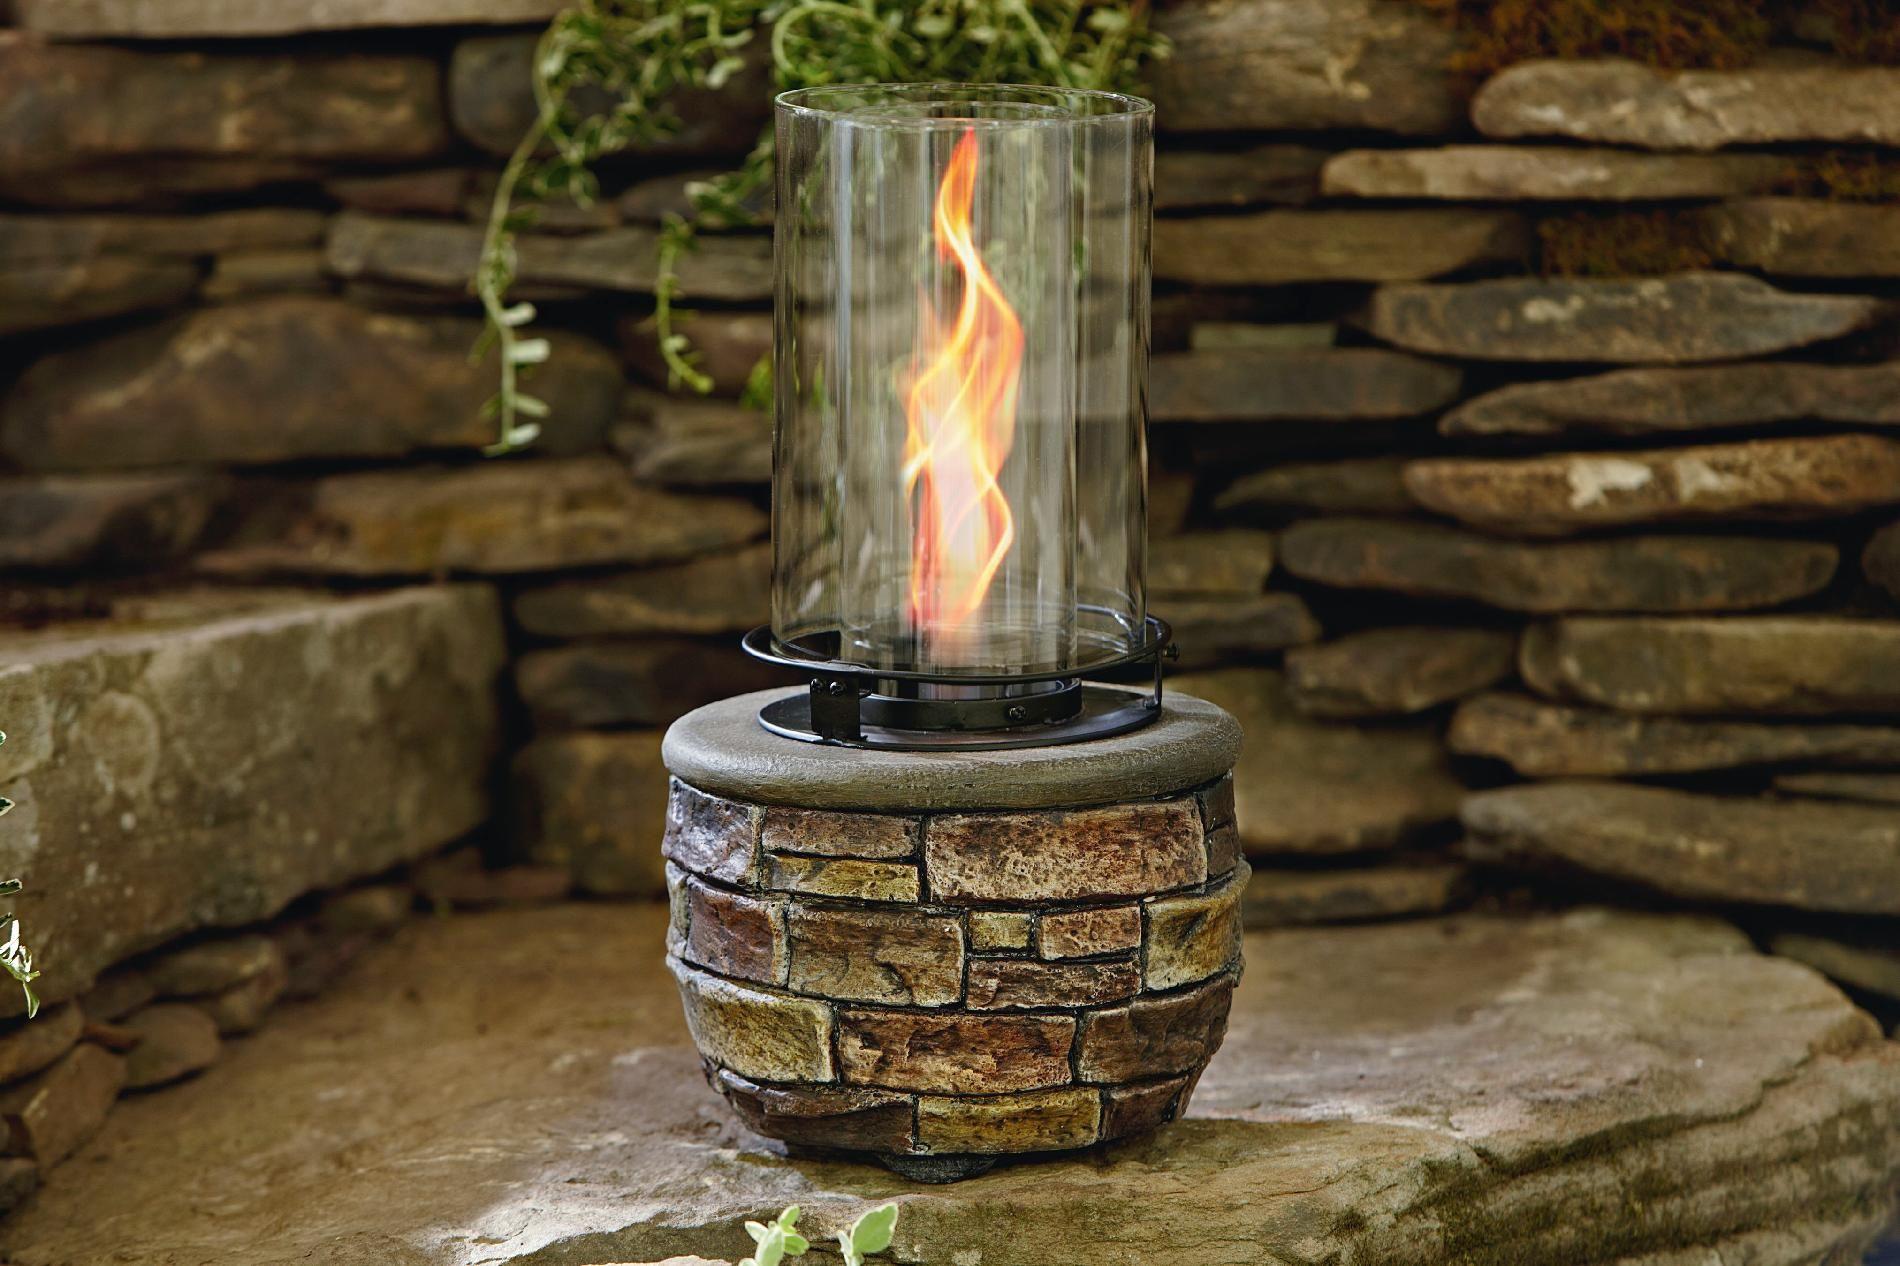 Garden Oasis Stone and Glass Gel Burner - Outdoor Living - Outdoor ...